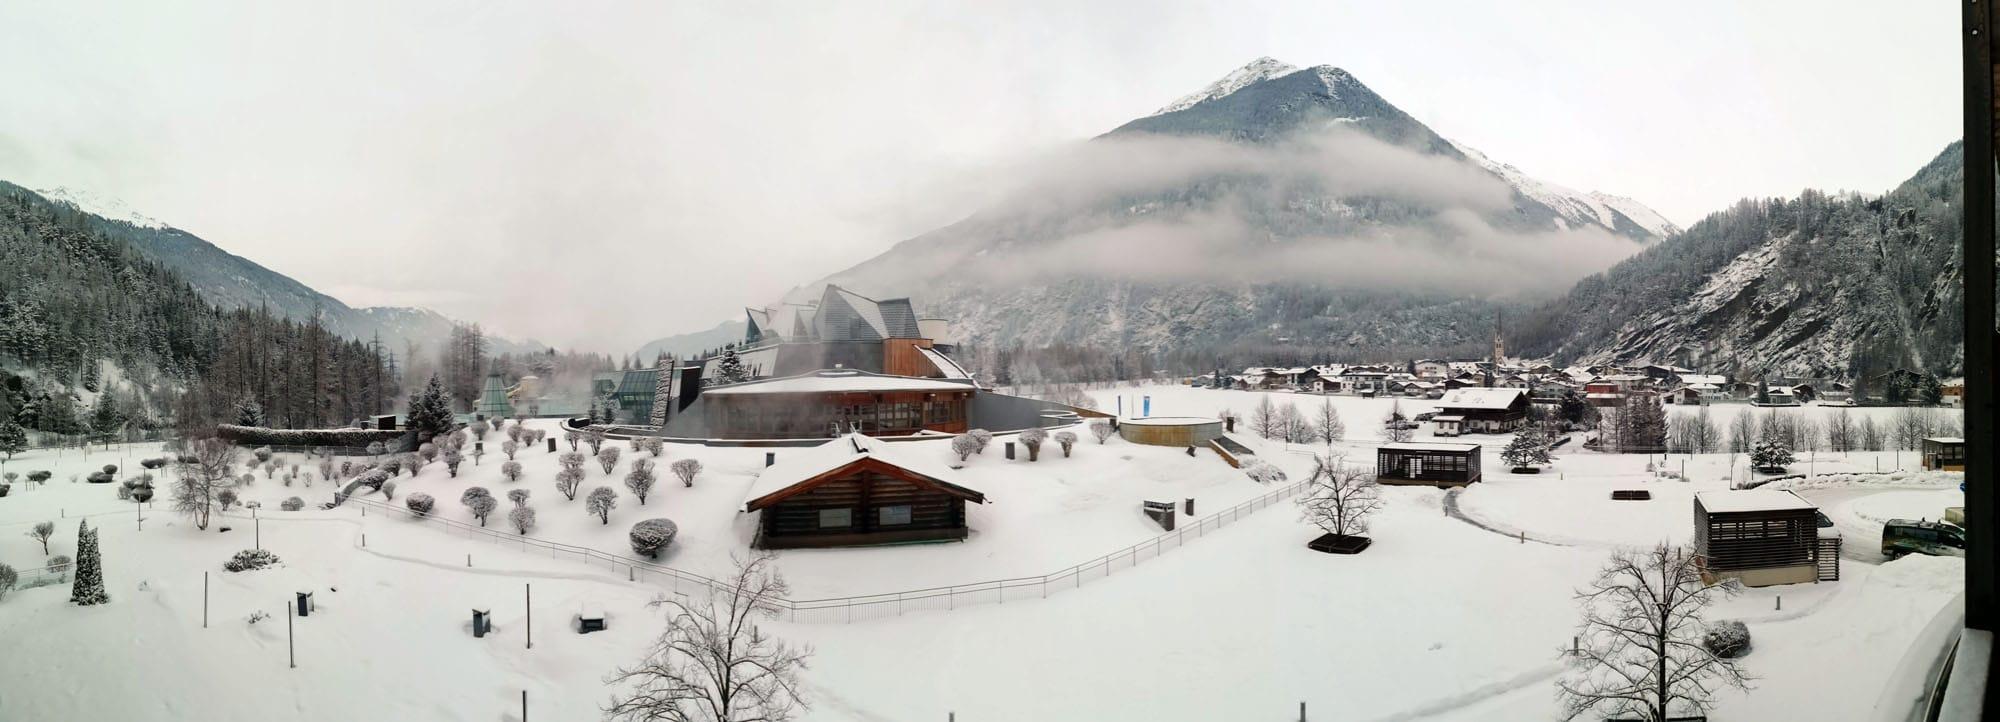 Czy warto jechać bez nart zimą w Alpy? 24